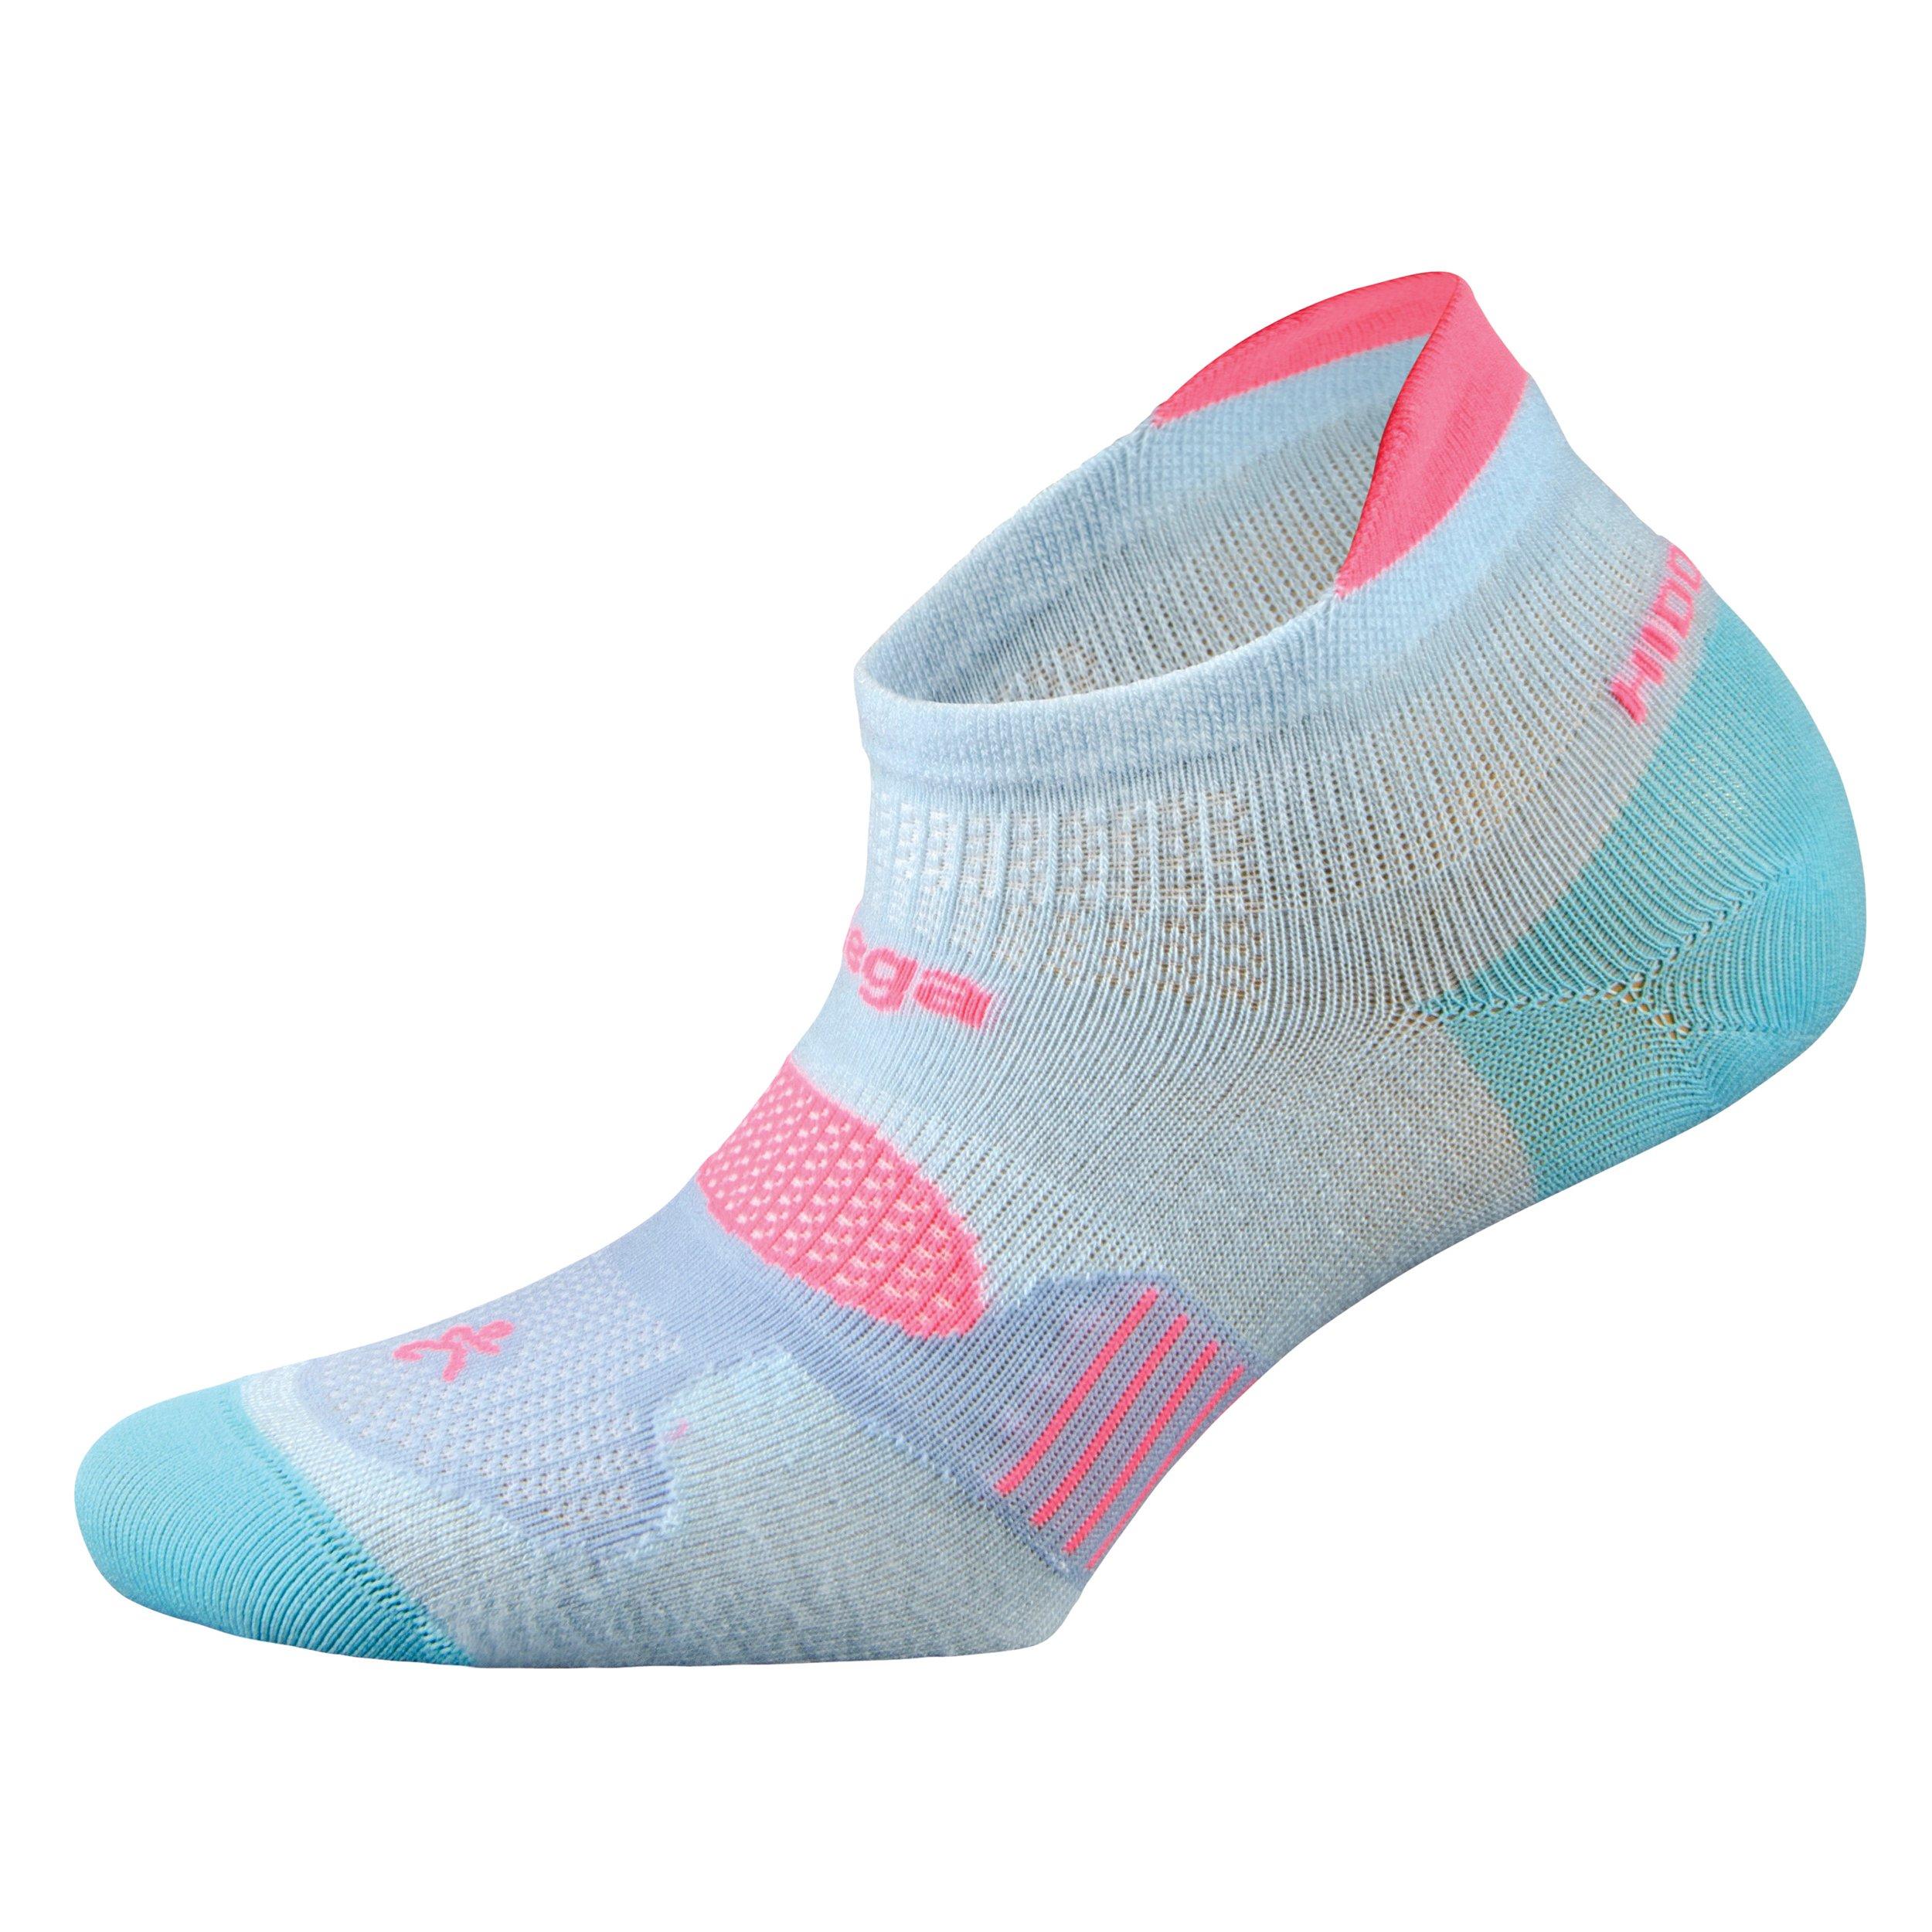 Balega Hidden Dry Moisture-Wicking Socks For Men and Women (1 Pair), Cool Blue, Medium